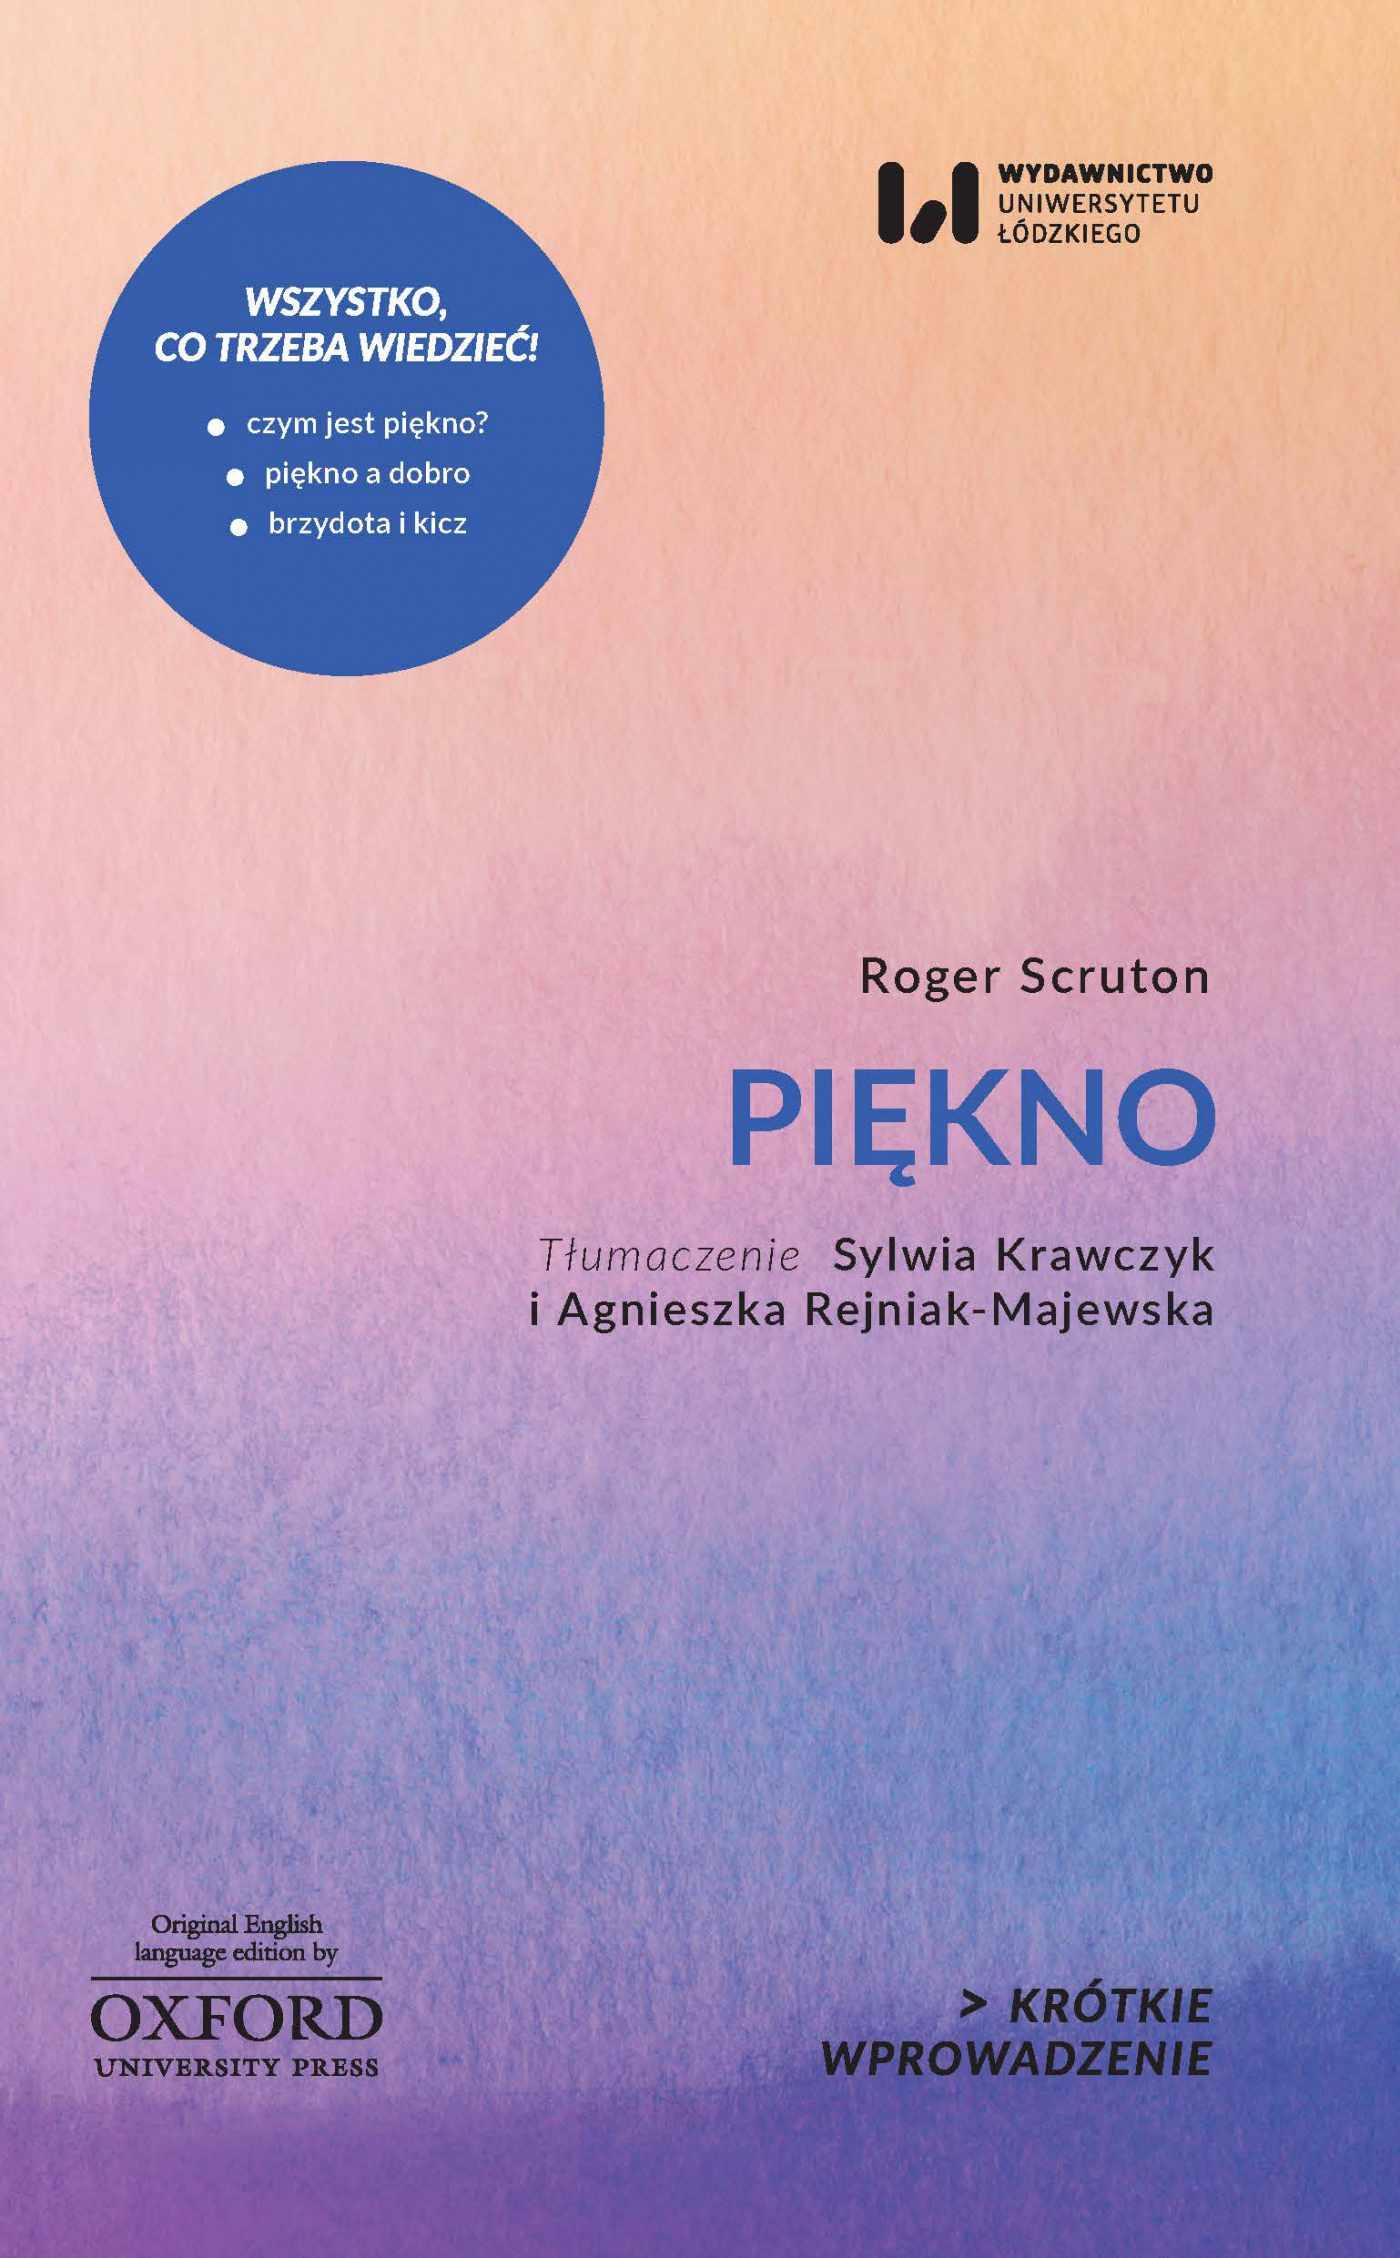 Piękno. Krótkie Wprowadzenie 14 - Ebook (Książka PDF) do pobrania w formacie PDF